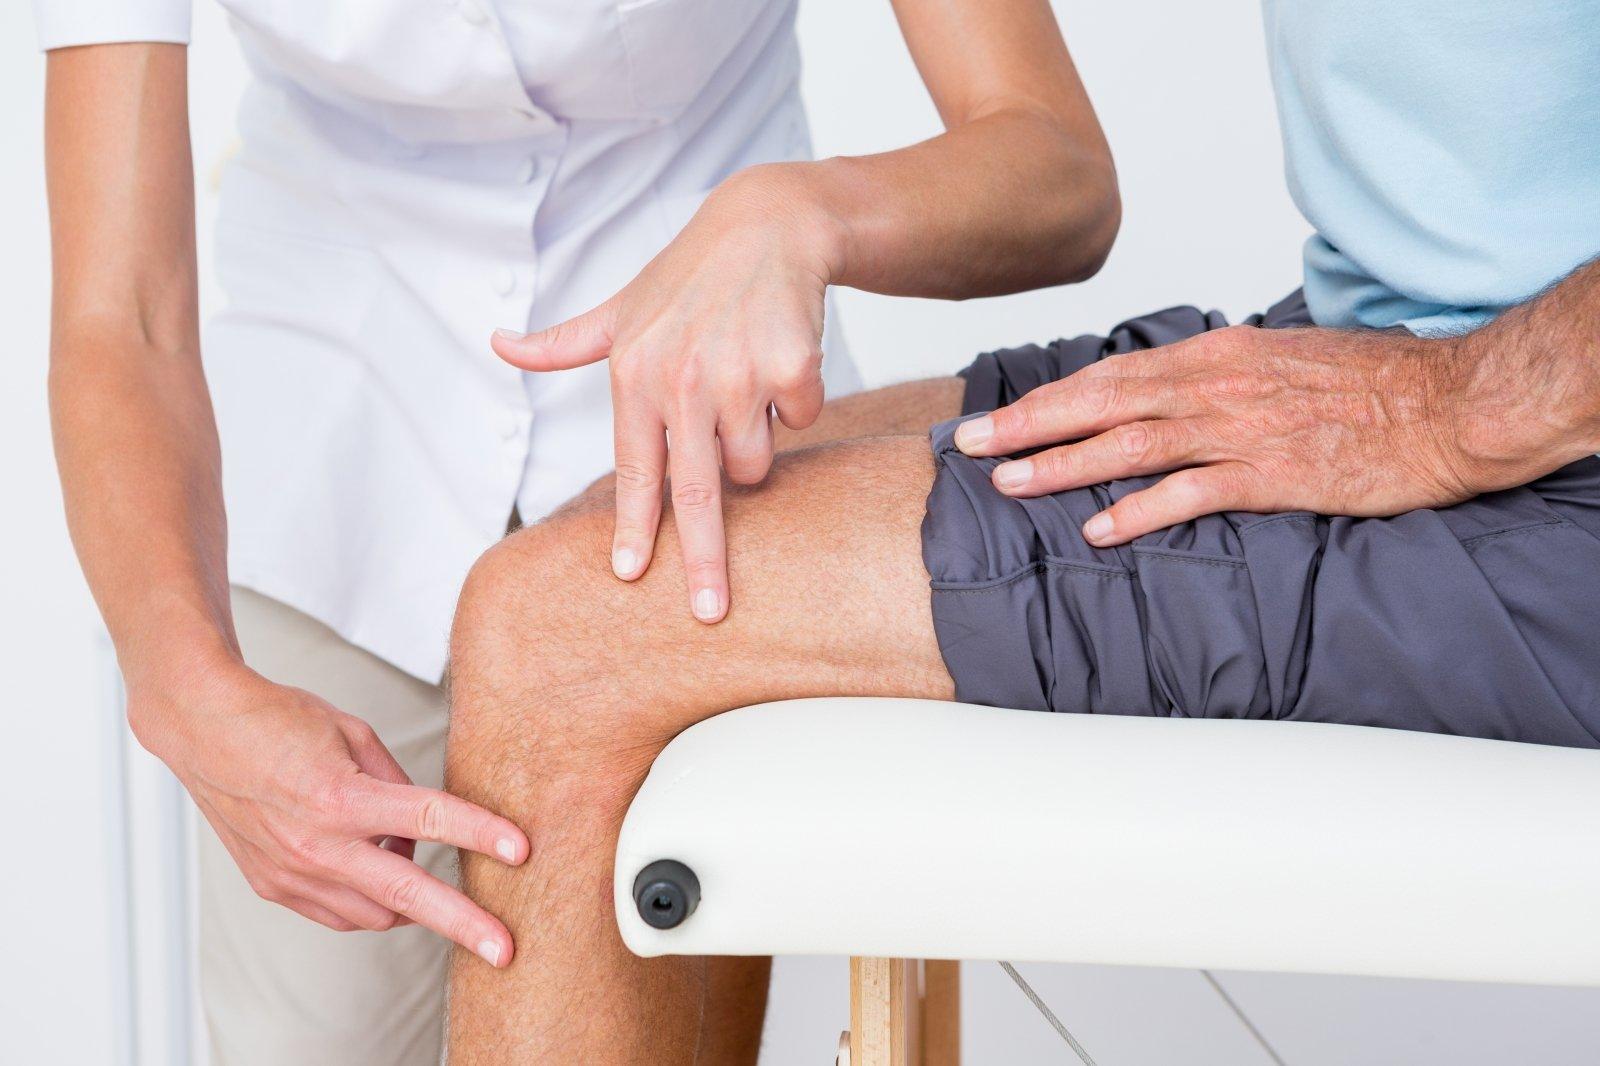 eglės adatos ligų sąnarių jungtys crunch raumenys skauda kas tai yra